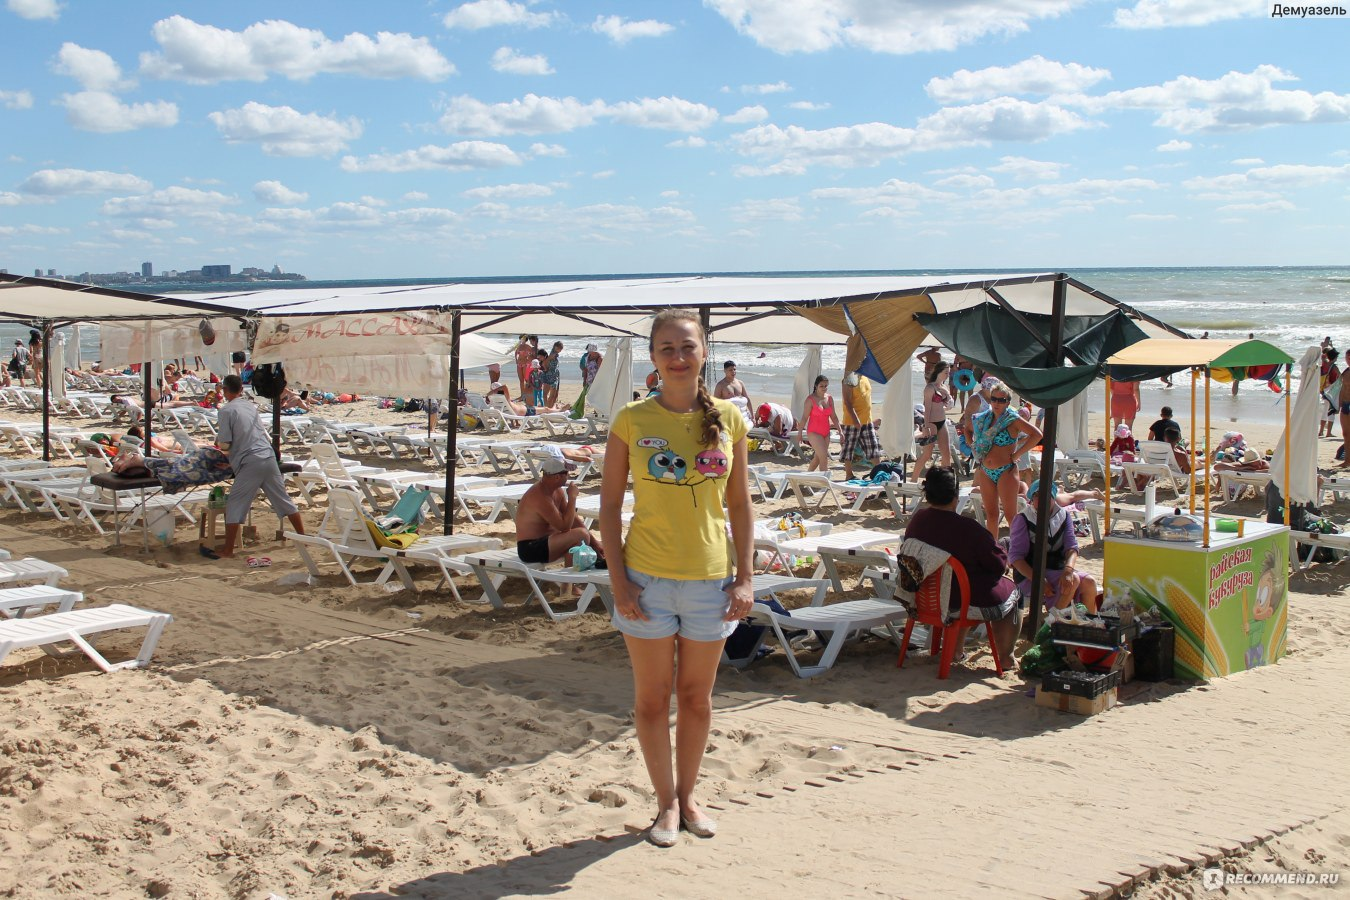 Отдых в джемете 2018 фото пляжа